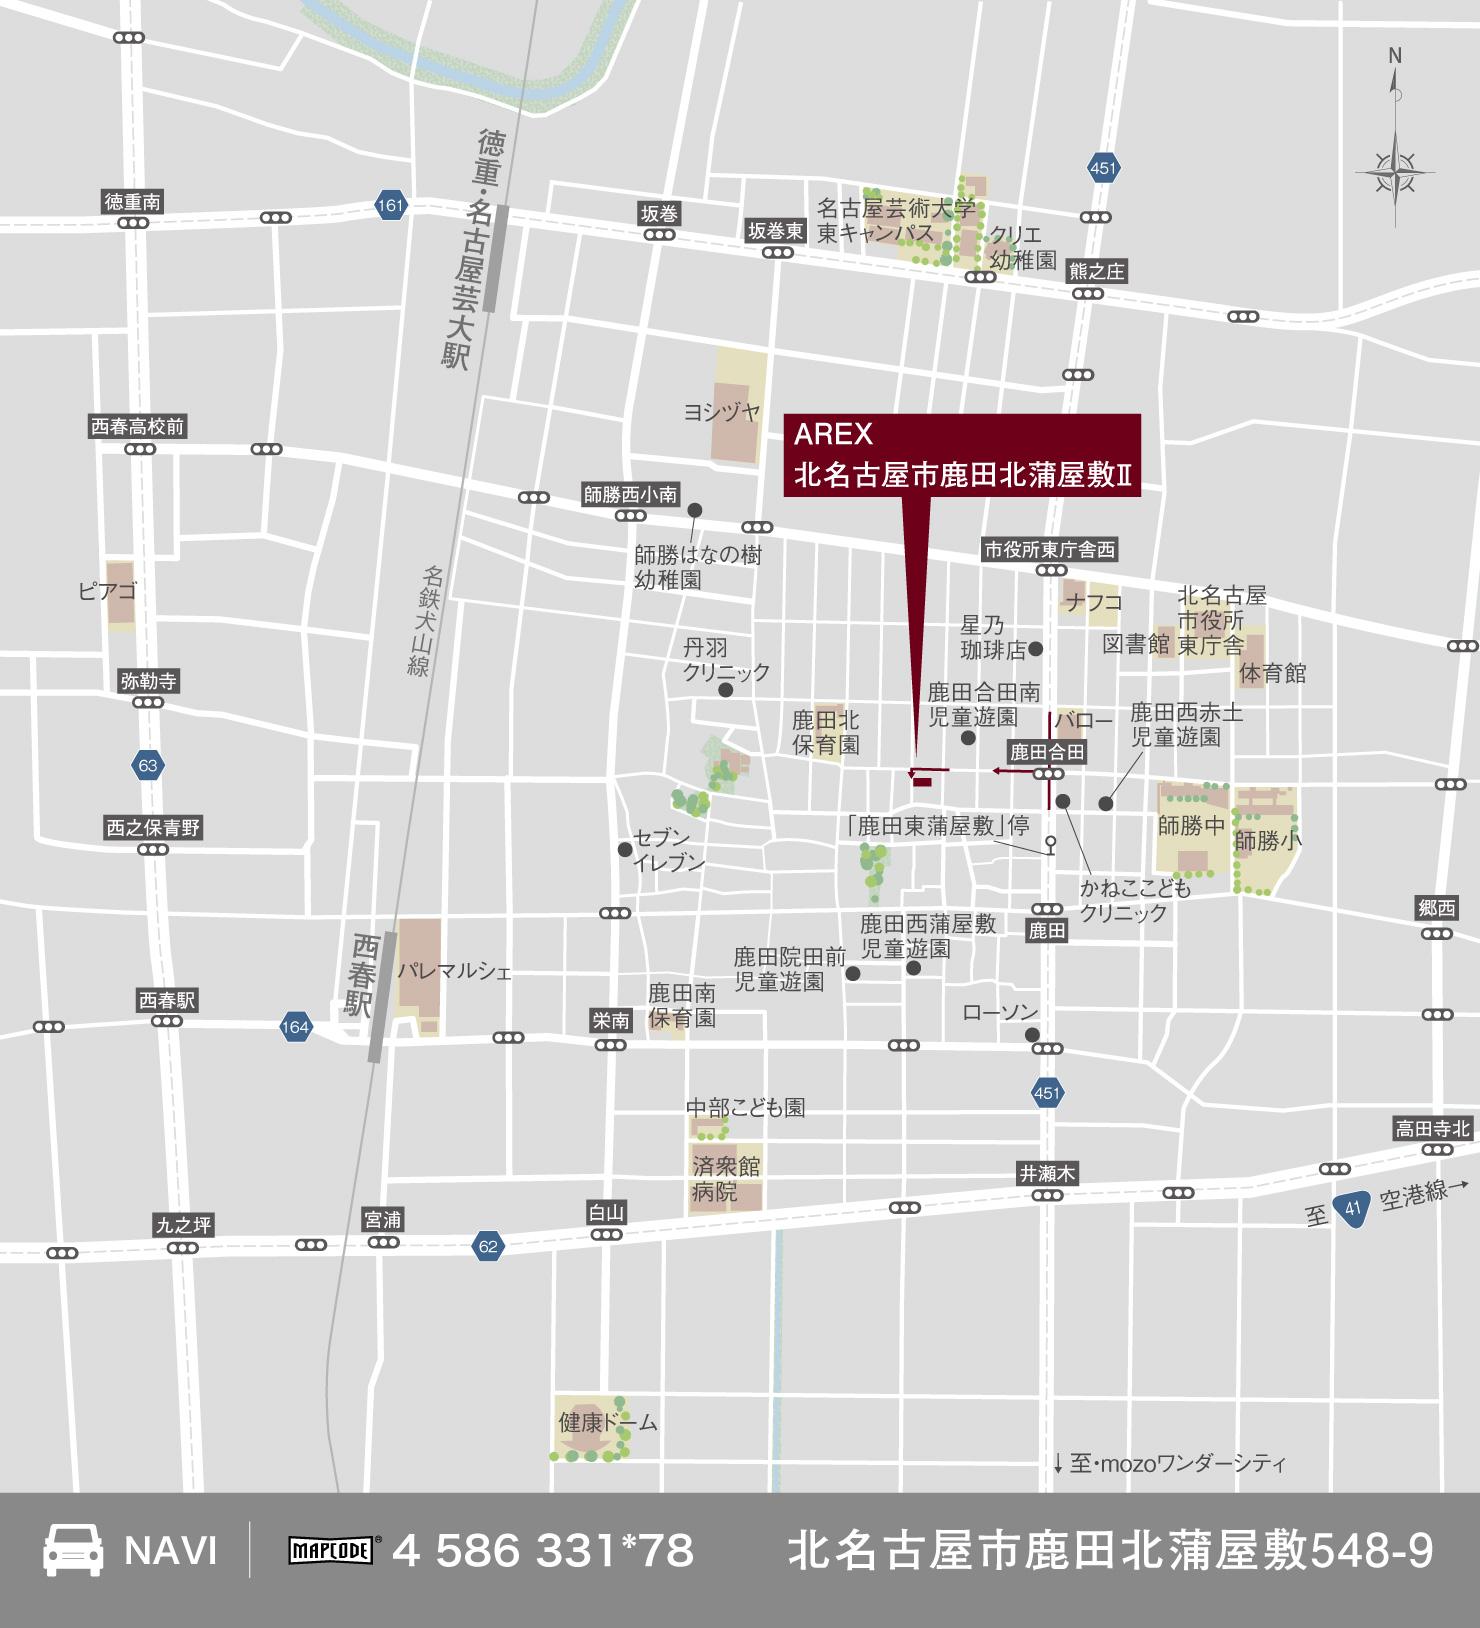 3_地図_北名古屋市鹿田北蒲屋敷2